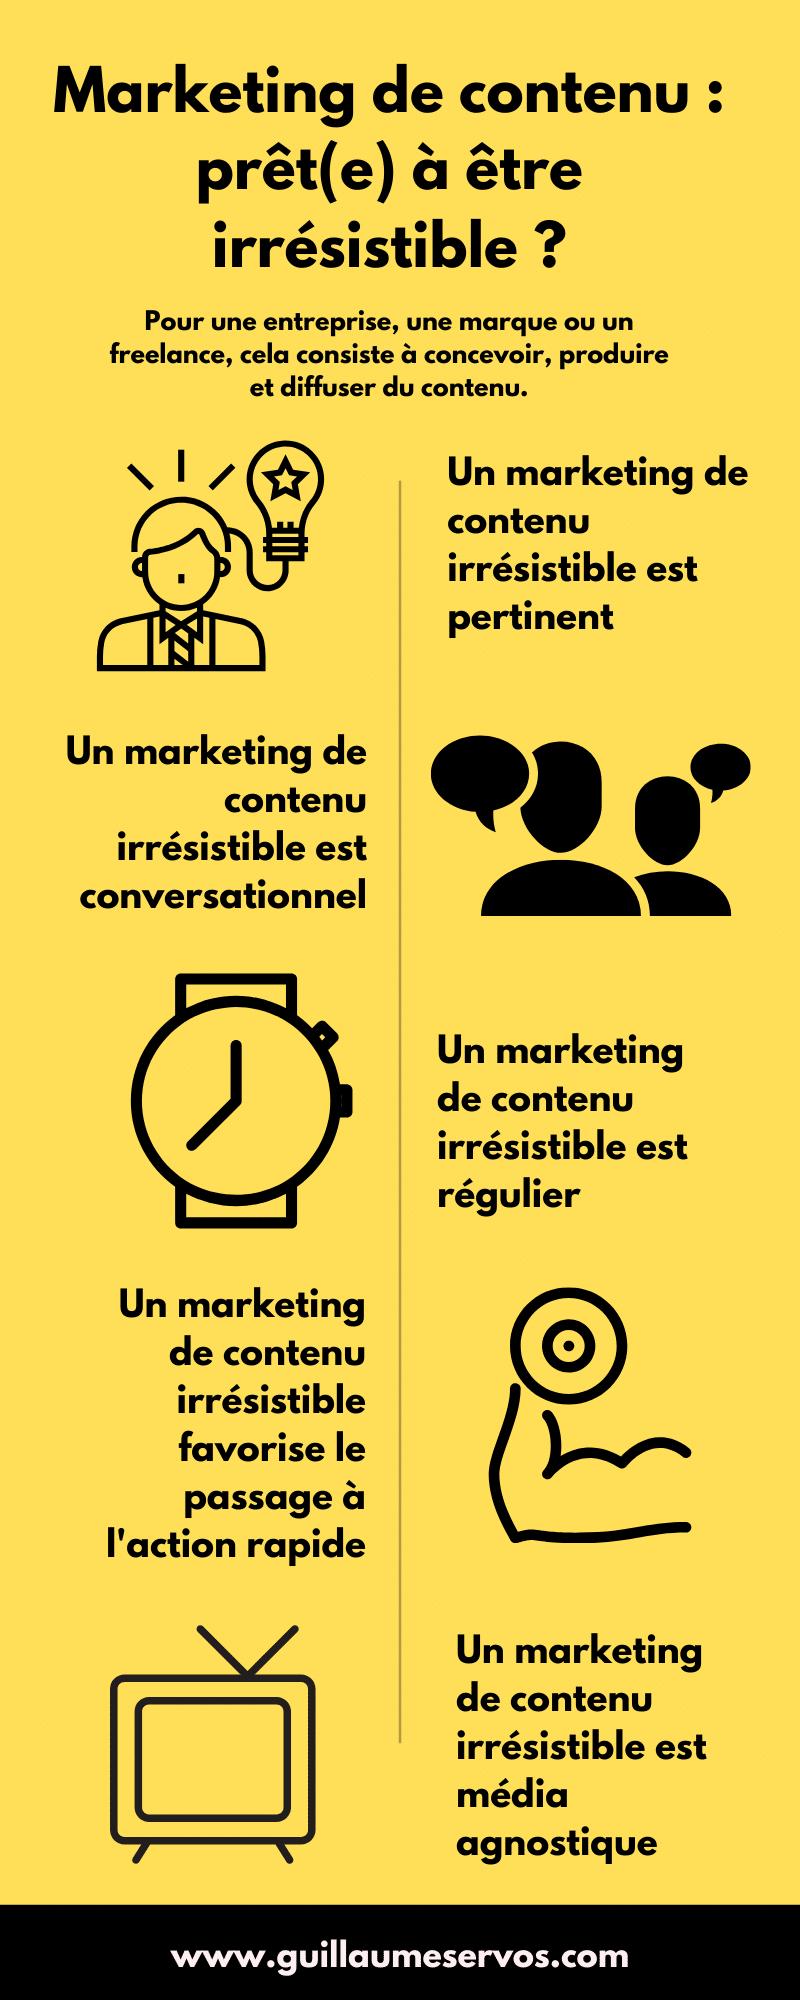 Le marketing de contenu est redoutablement efficace pour générer durablement du trafic vers son site internet. Au menu : régularité, pertinence, qualité...